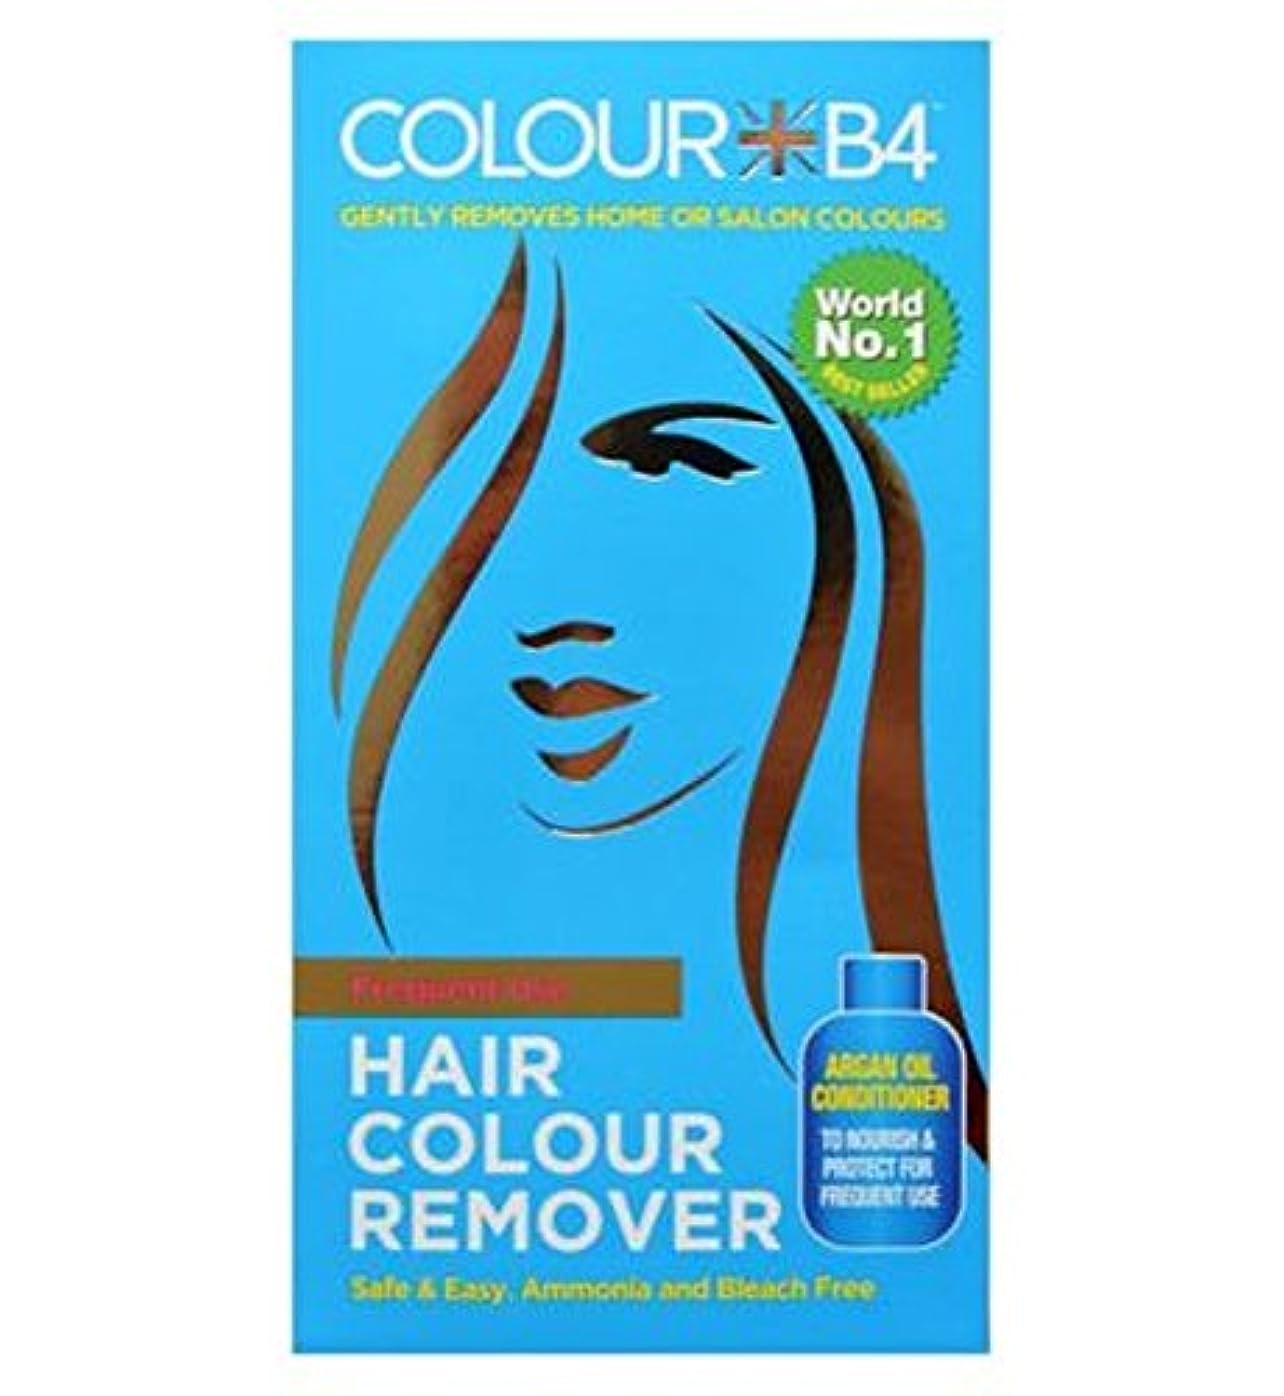 レンズフルーティー延ばすColour B4 Hair Colour Remover Includes Conditioner for Frequent Use - カラーB4ヘアカラーリムーバーは、頻繁に使用するためにコンディショナーを含み (...